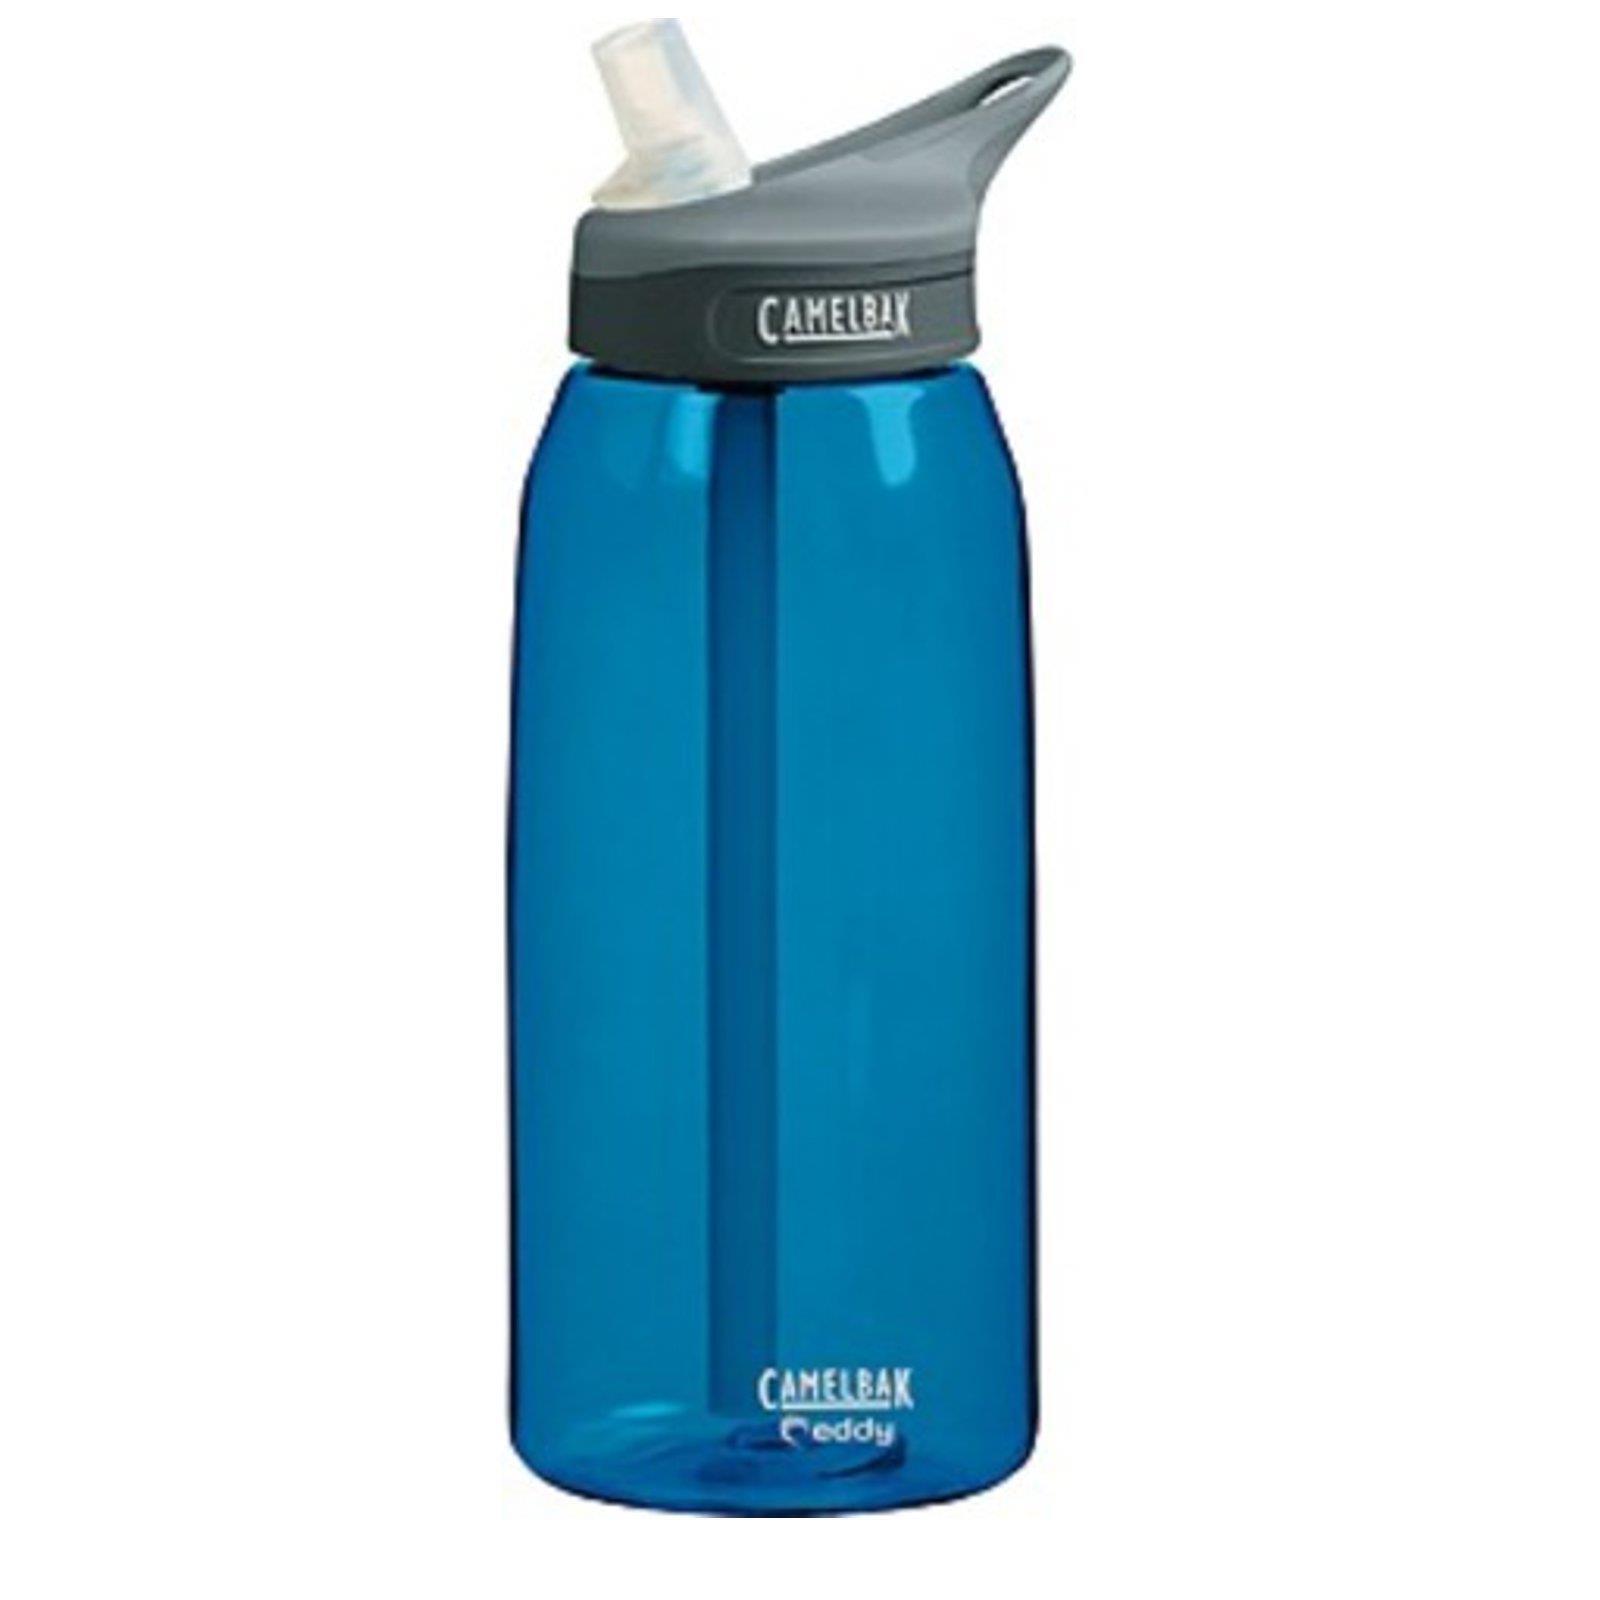 Camelbak Eddy eau thermo isolé potable flacon flacon flacon goutte à goutte sûr Bpa Libre wow 70d57f